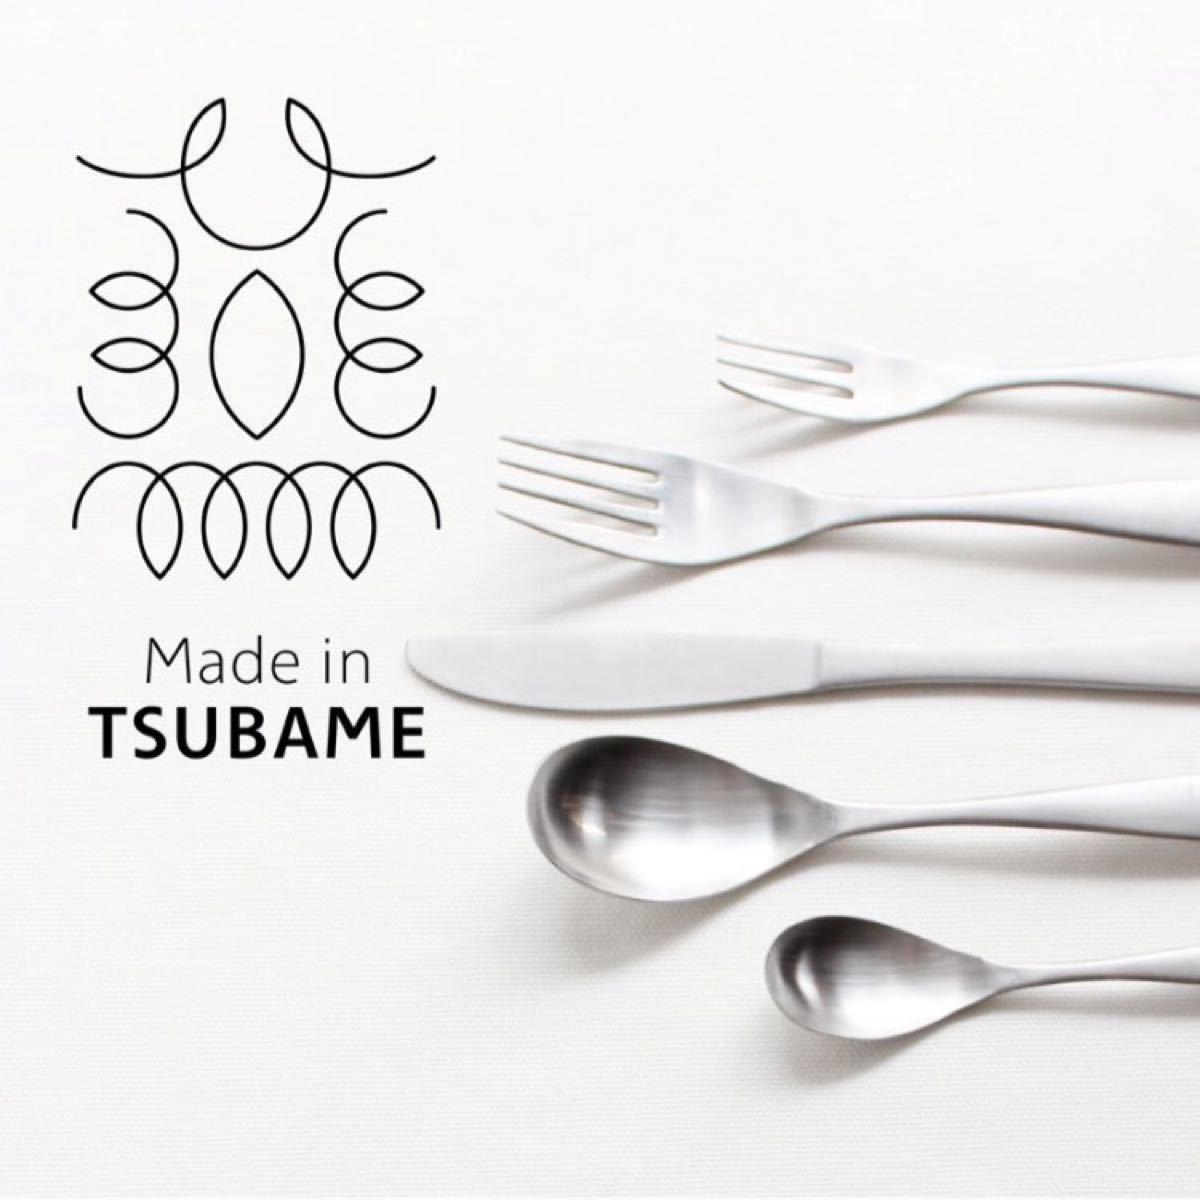 ツバメカトラリー 8本セット フォーク大小&スプーン大小 新品未使用 made in tsubame 燕